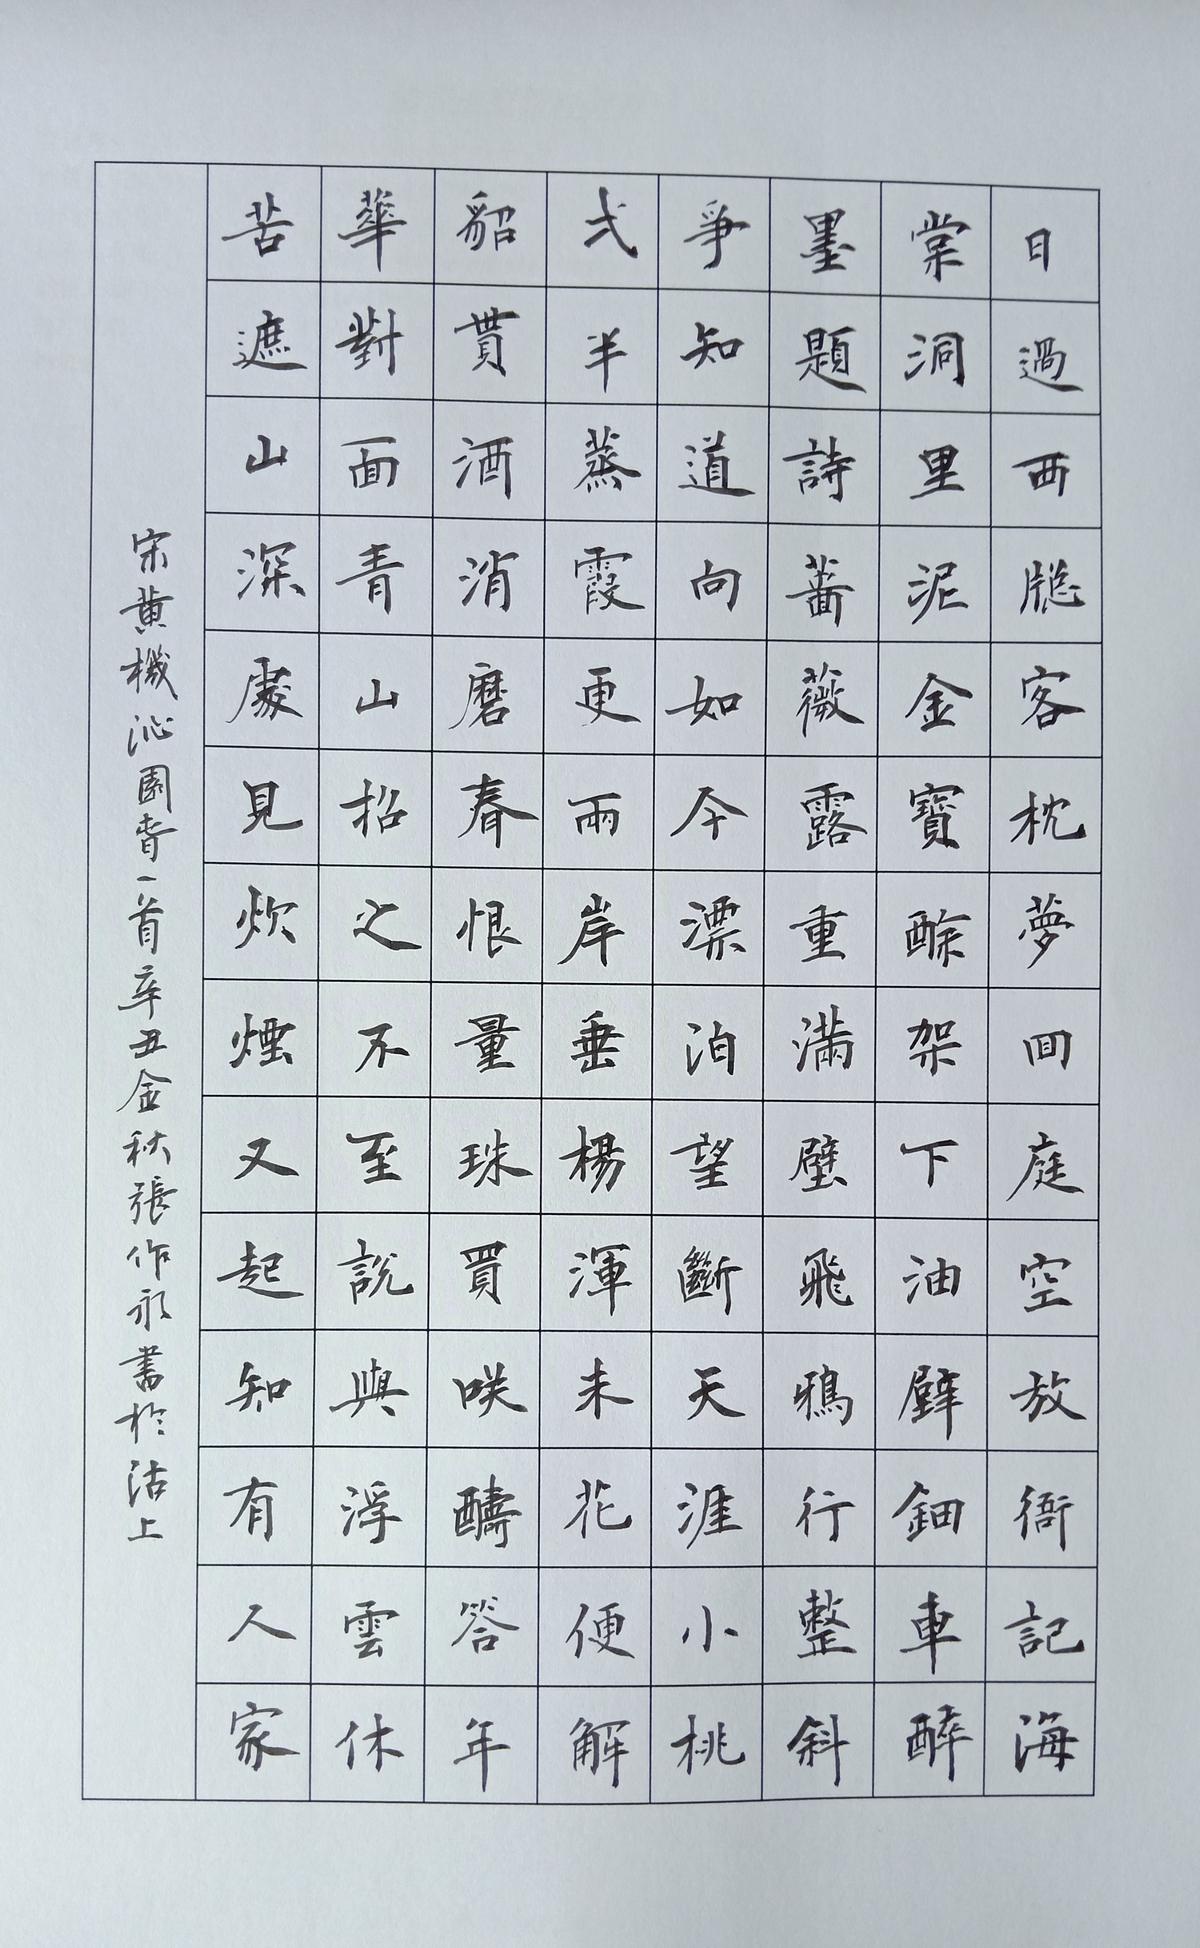 蔡师点评:黄机《沁园春》钢笔字练字打卡作业欣赏15